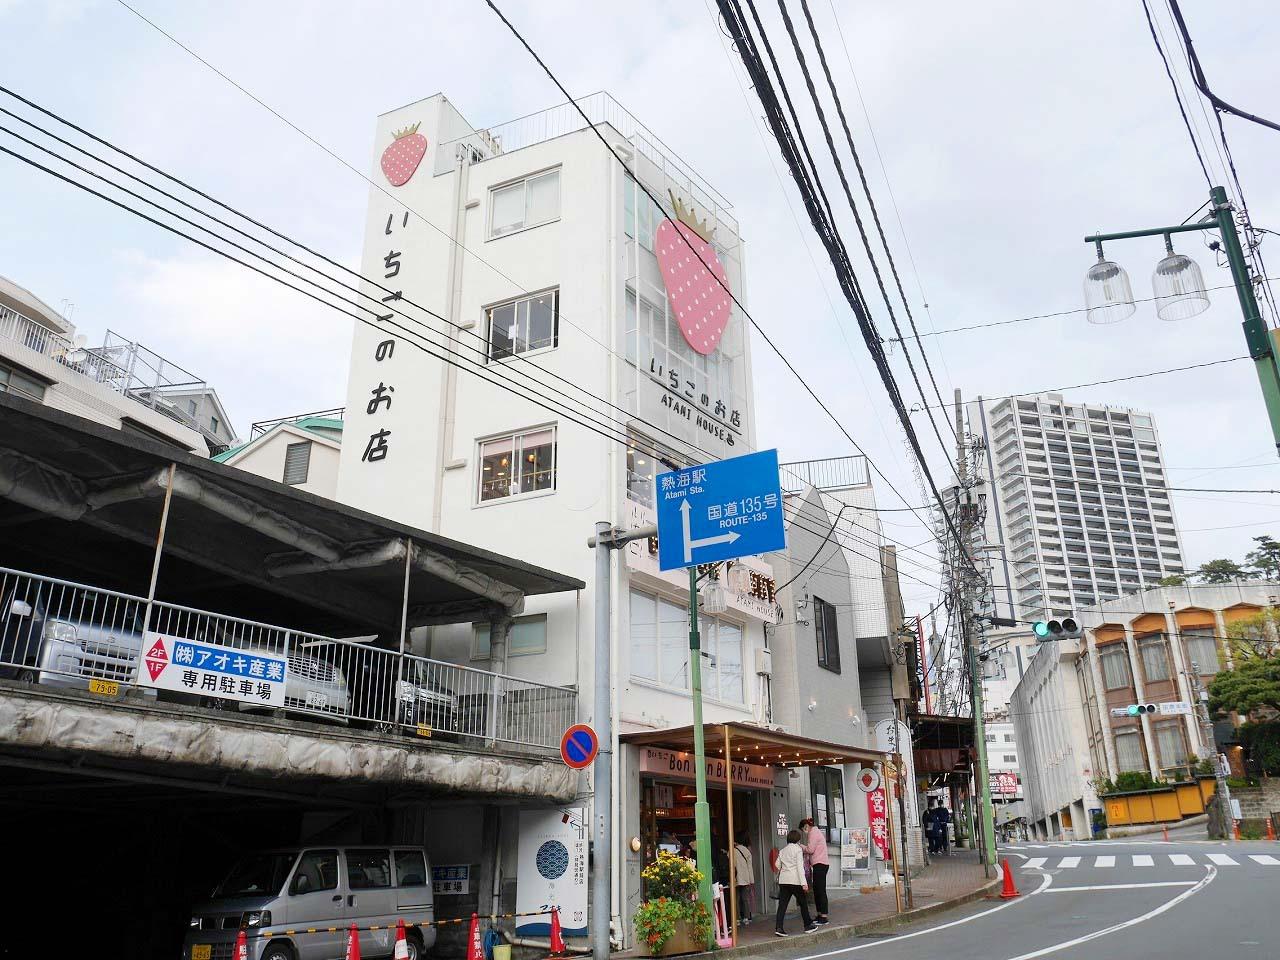 熱海駅から徒歩2分!ビル1棟丸ごといちごスイーツ